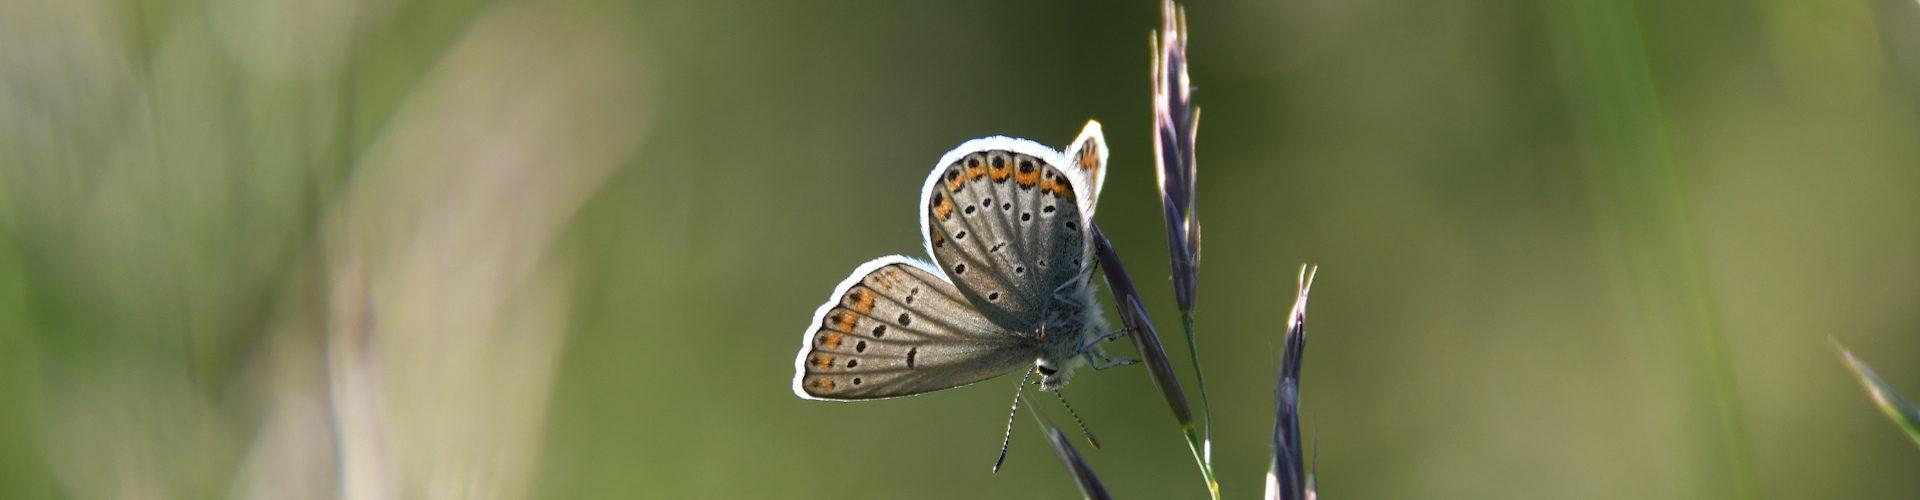 Natura 2000 : l'effet parapluie de la protection des espèces